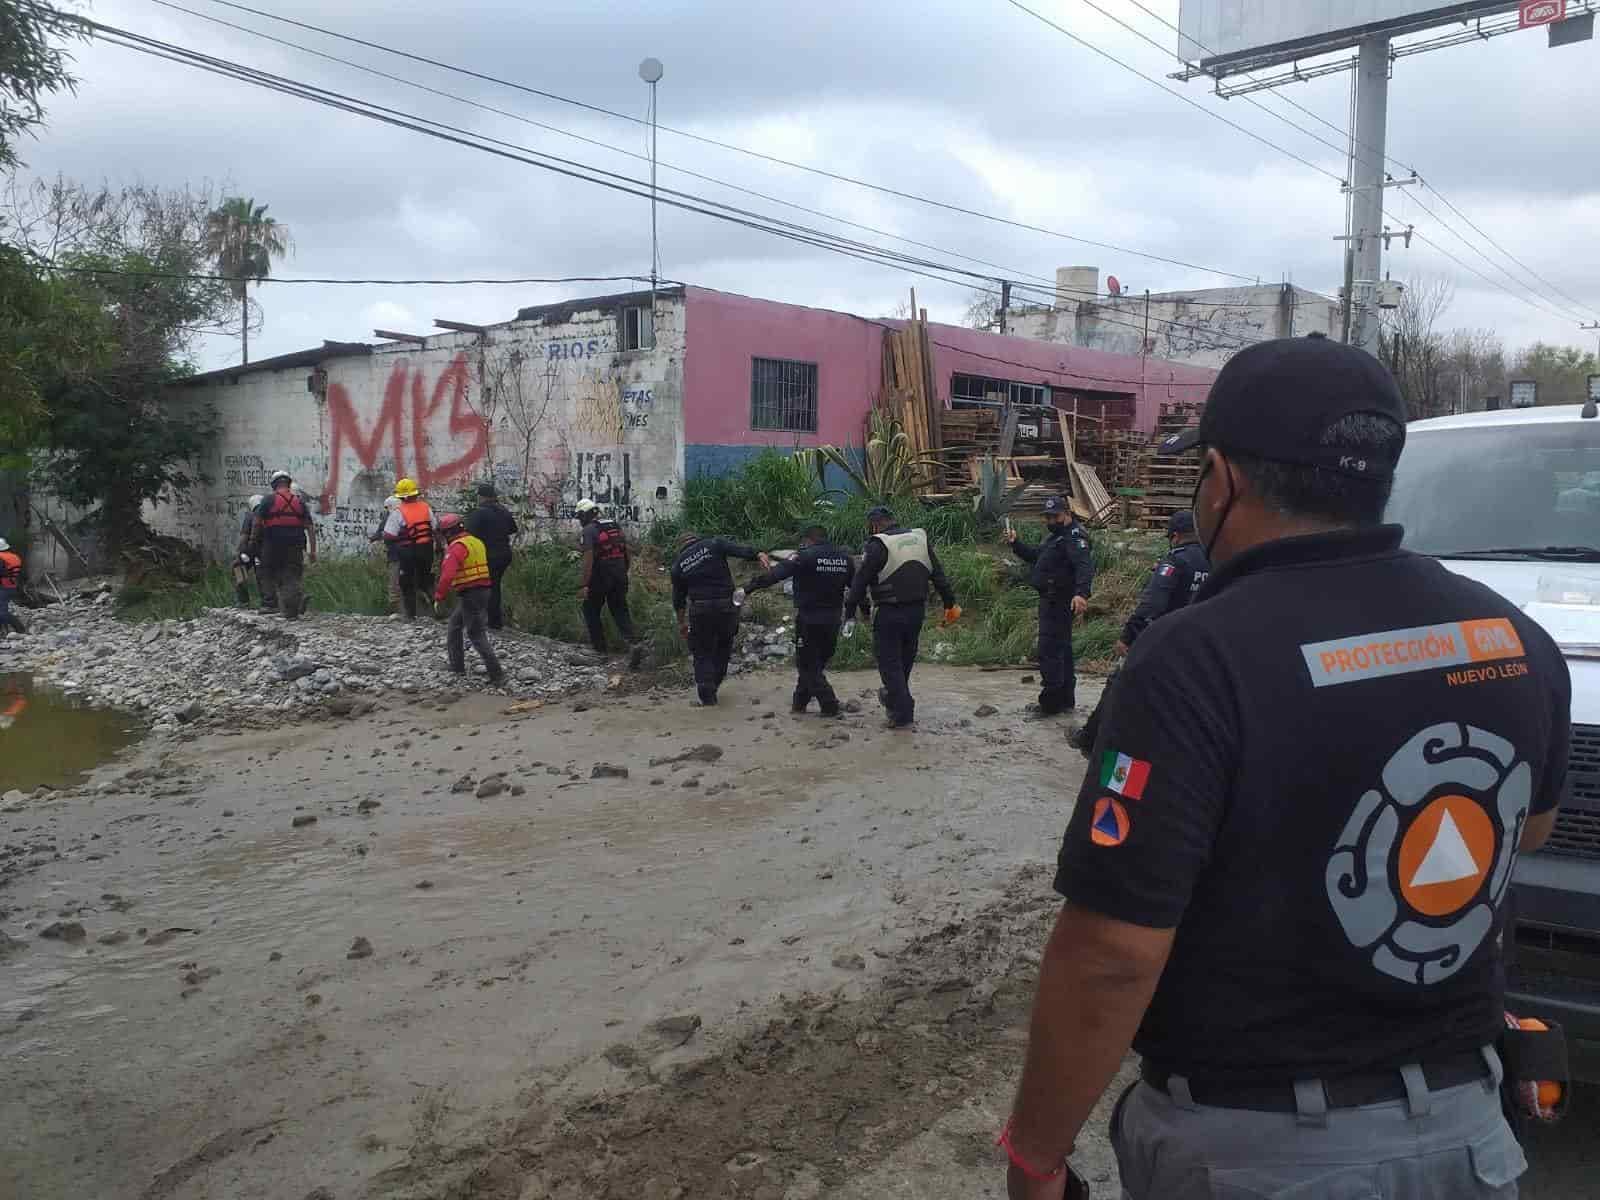 Autoridades buscan a una mujer que la noche del domingo, durante la fuerte lluvia, fue arrastrada a bordo de su vehículo